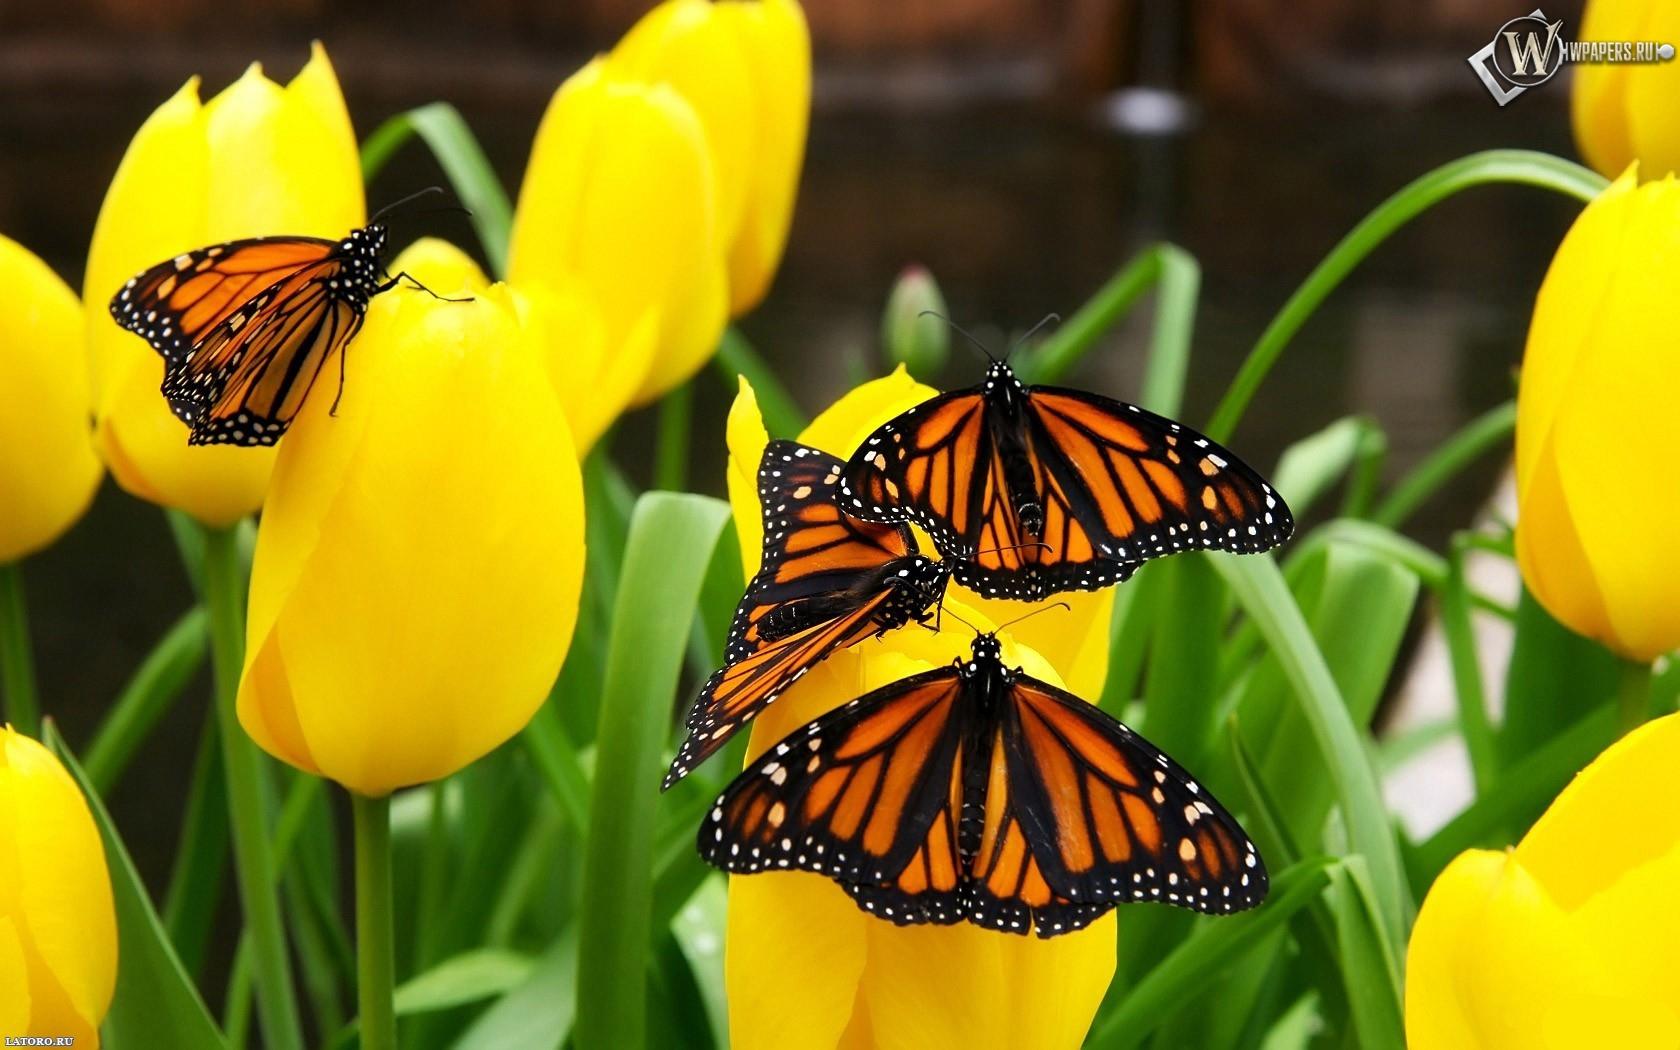 Бабочки на тюльпанах 1680x1050